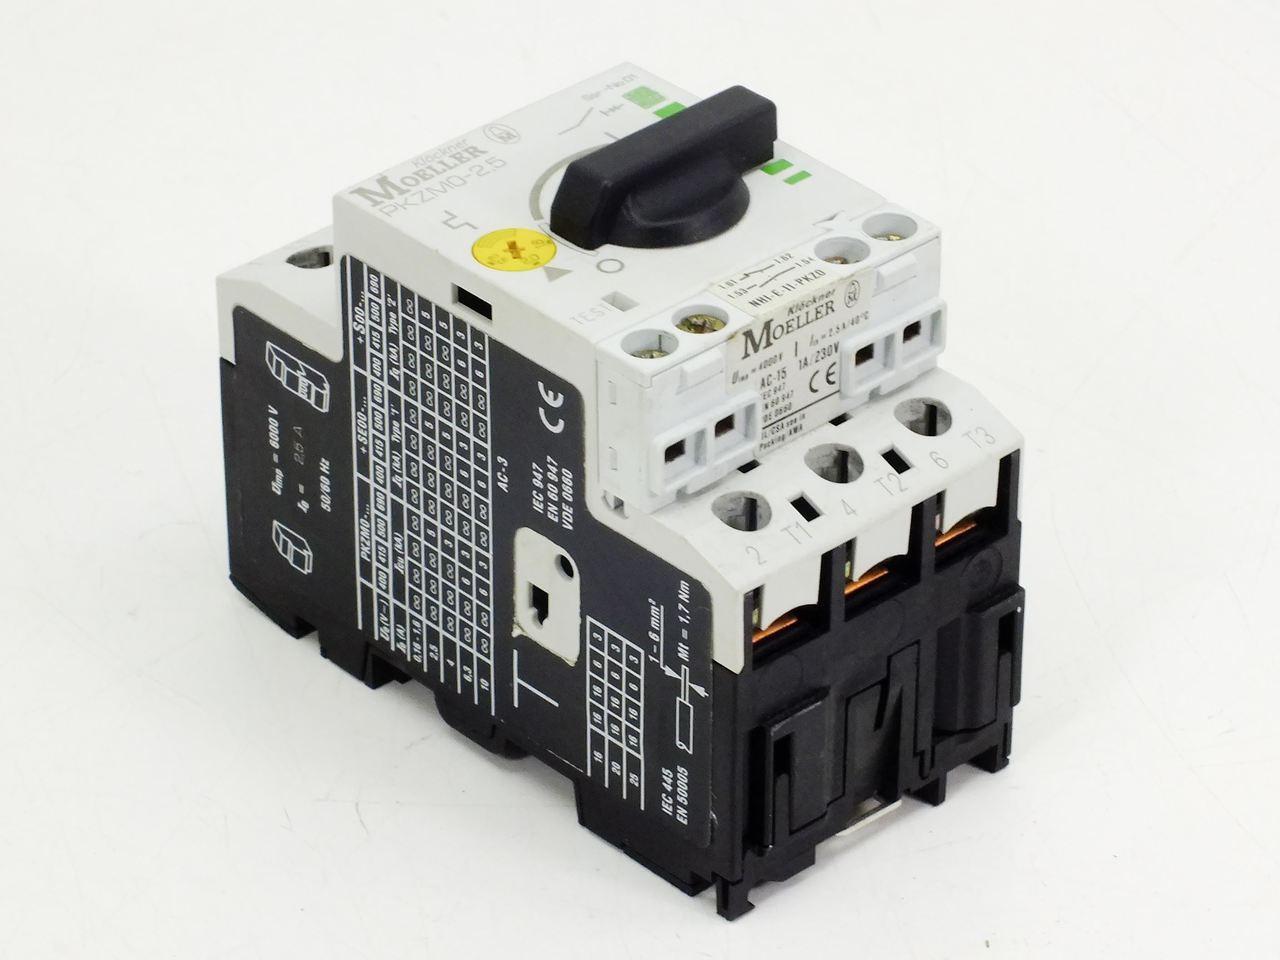 Eaton Moeller PKZM0-2.5 Manual Motor Protector Circuit Breaker ...